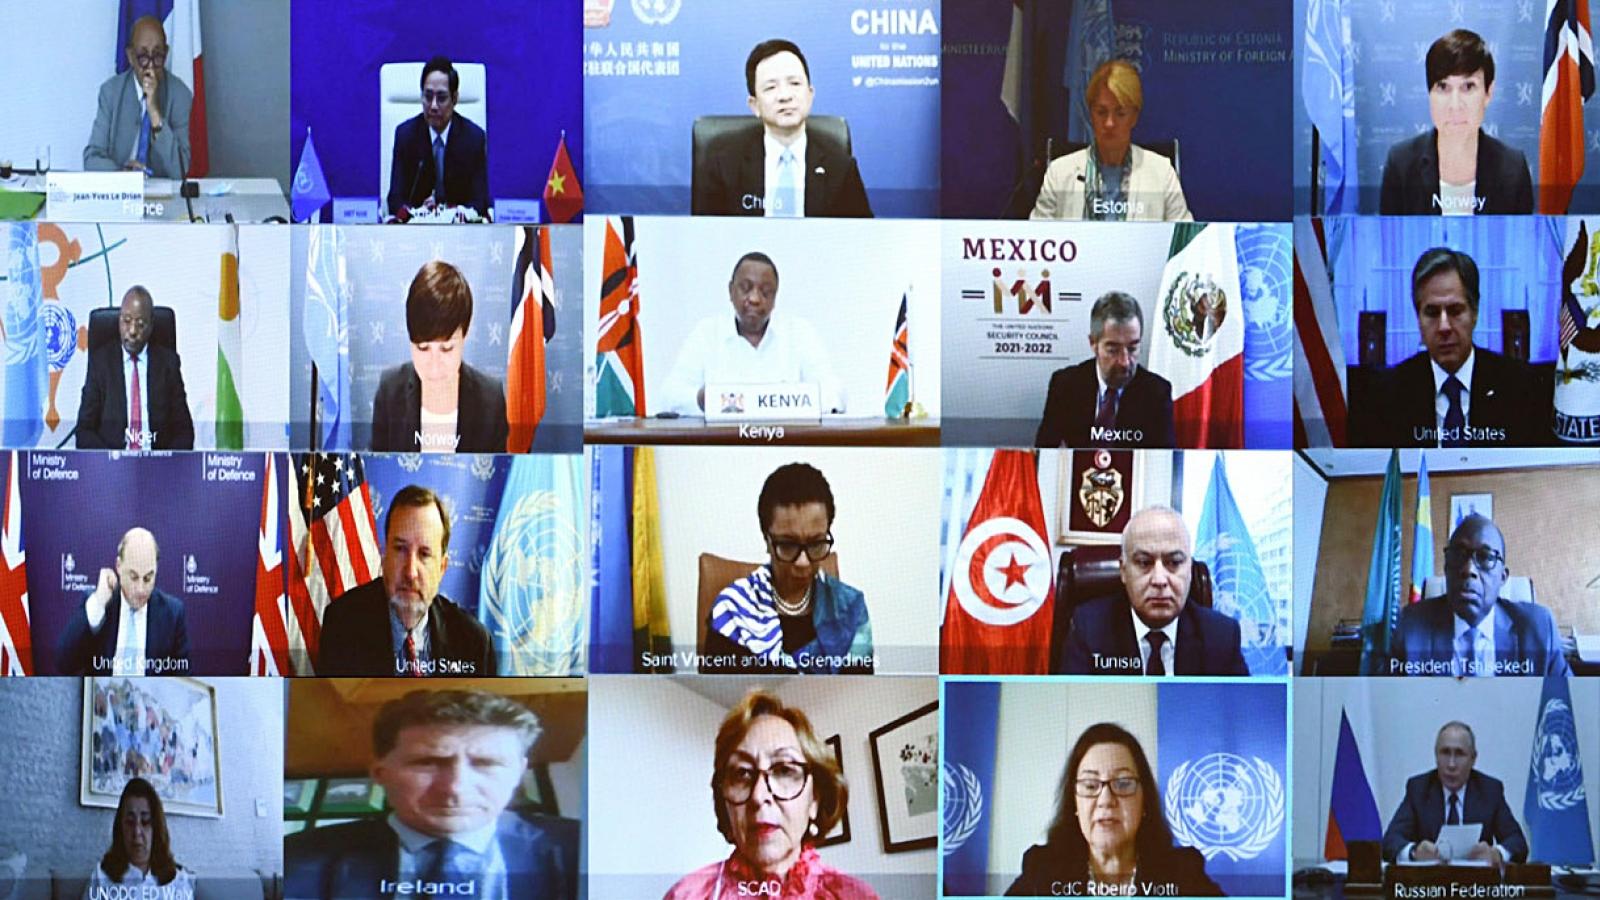 """Mỹ, Trung Quốc """"khẩu chiến"""" về vấn đề Biển Đông tại cuộc họp của Hội đồng bảo an"""